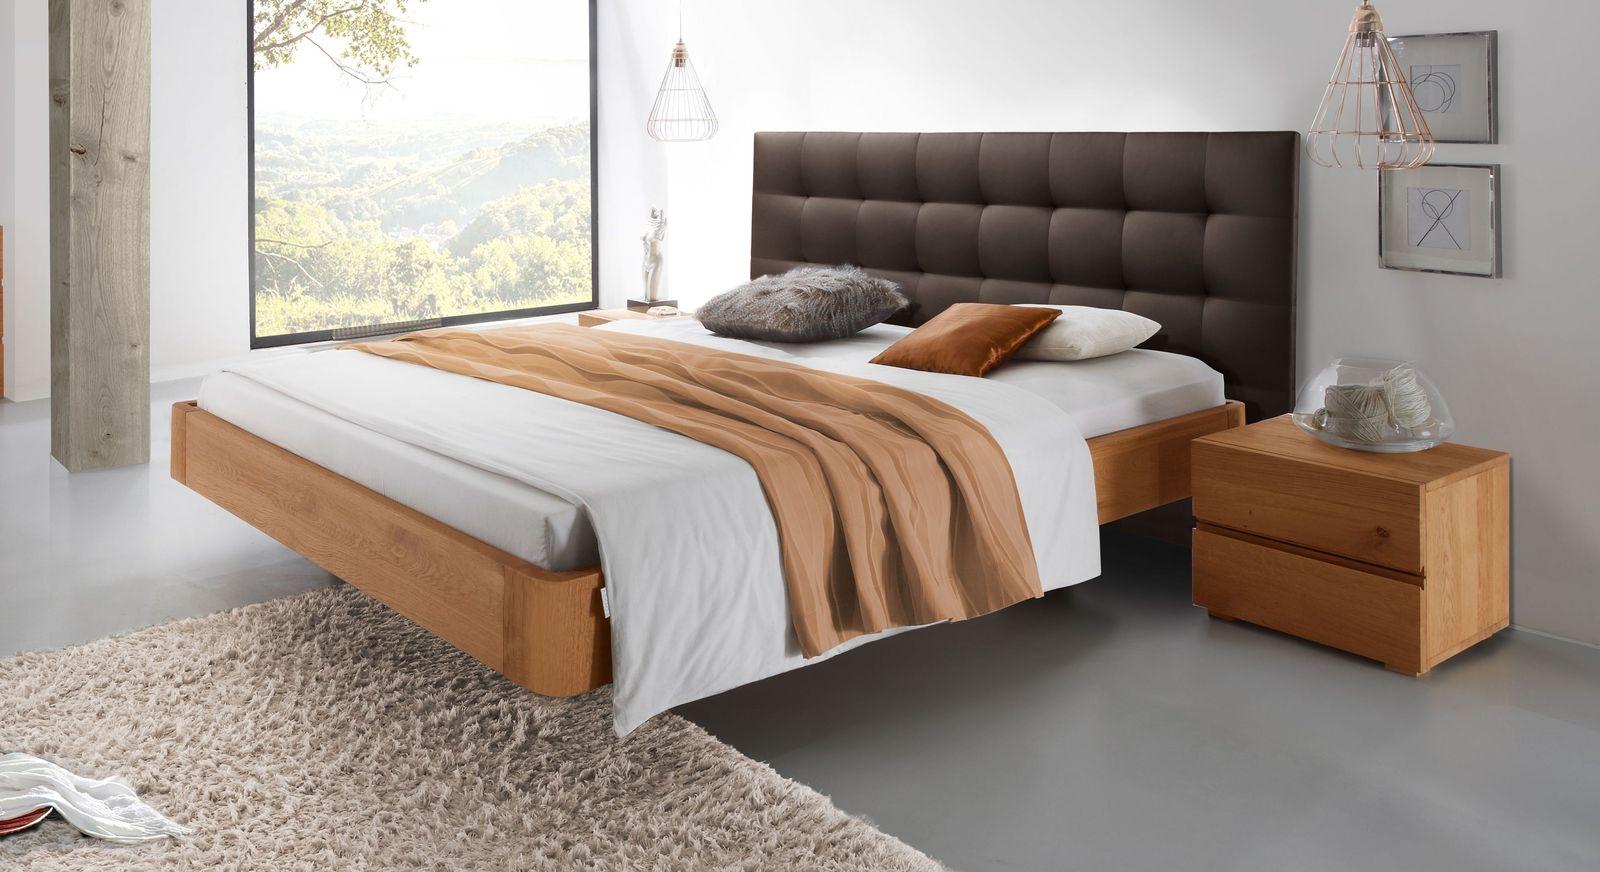 Bett schwebende Optik aus Eiche natur behandelt - Bett Panama